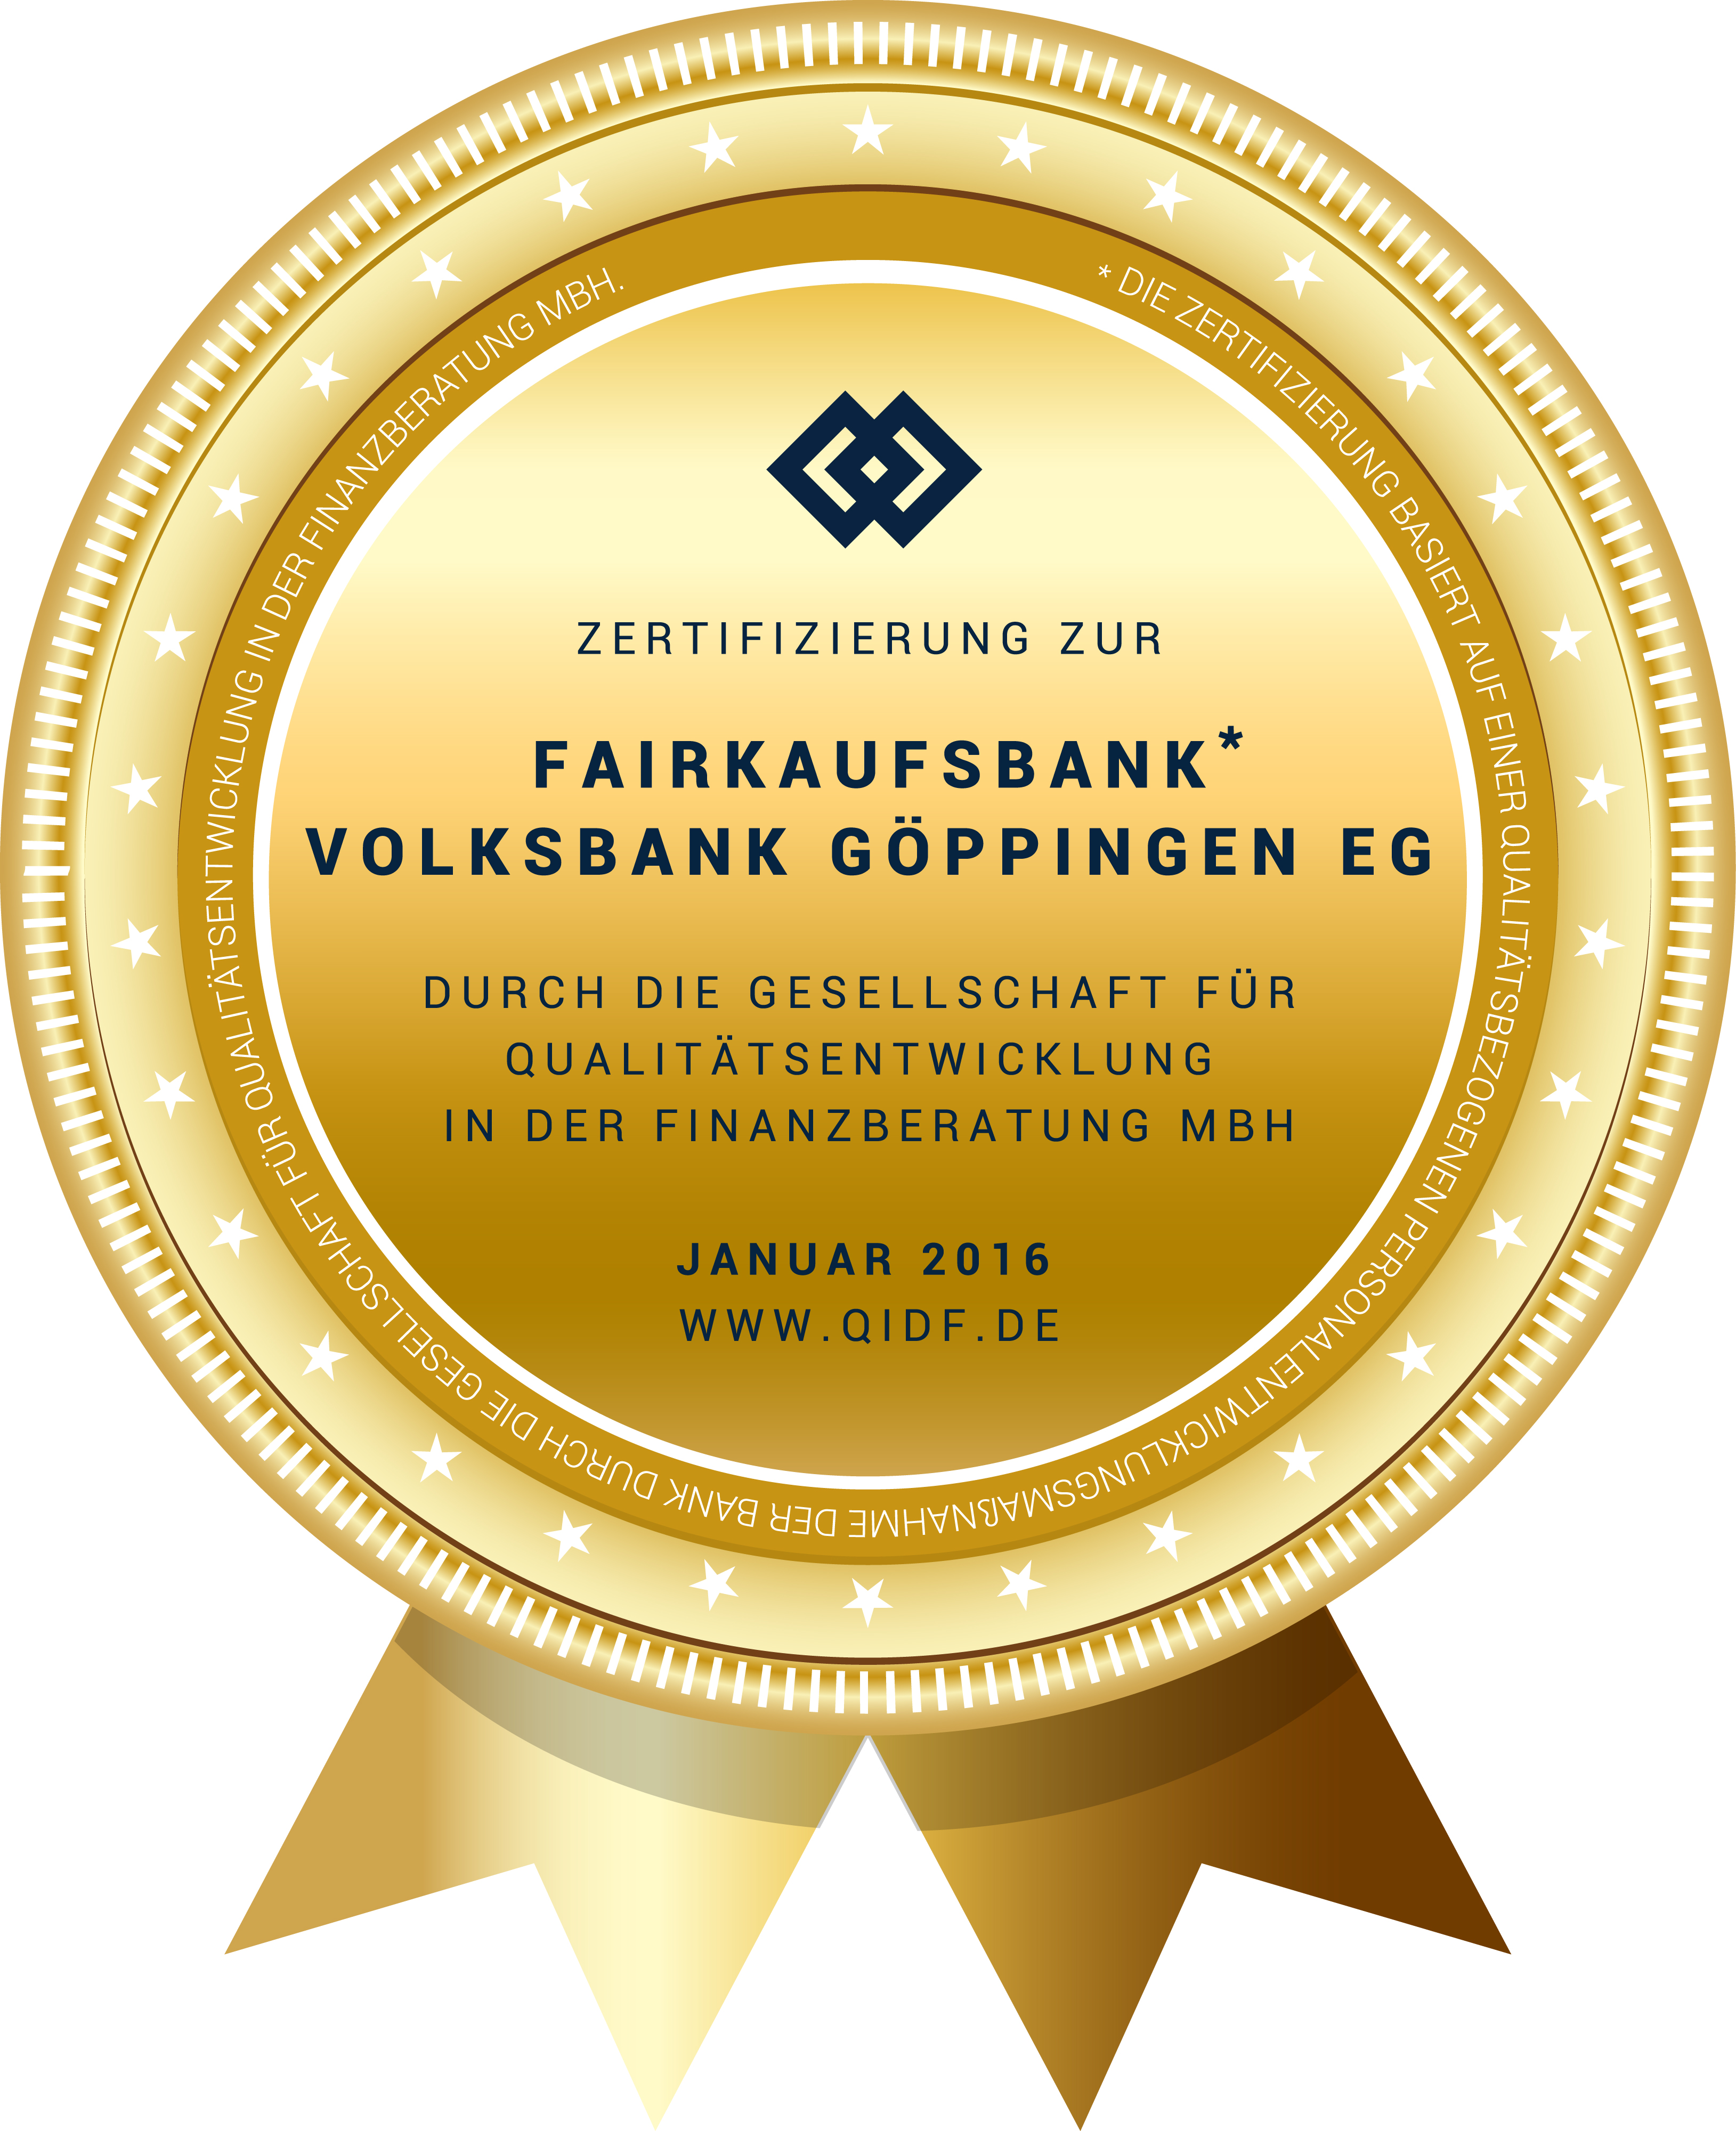 FAIRkaufsbank - Auszeichnung für Volksbank Göppingen